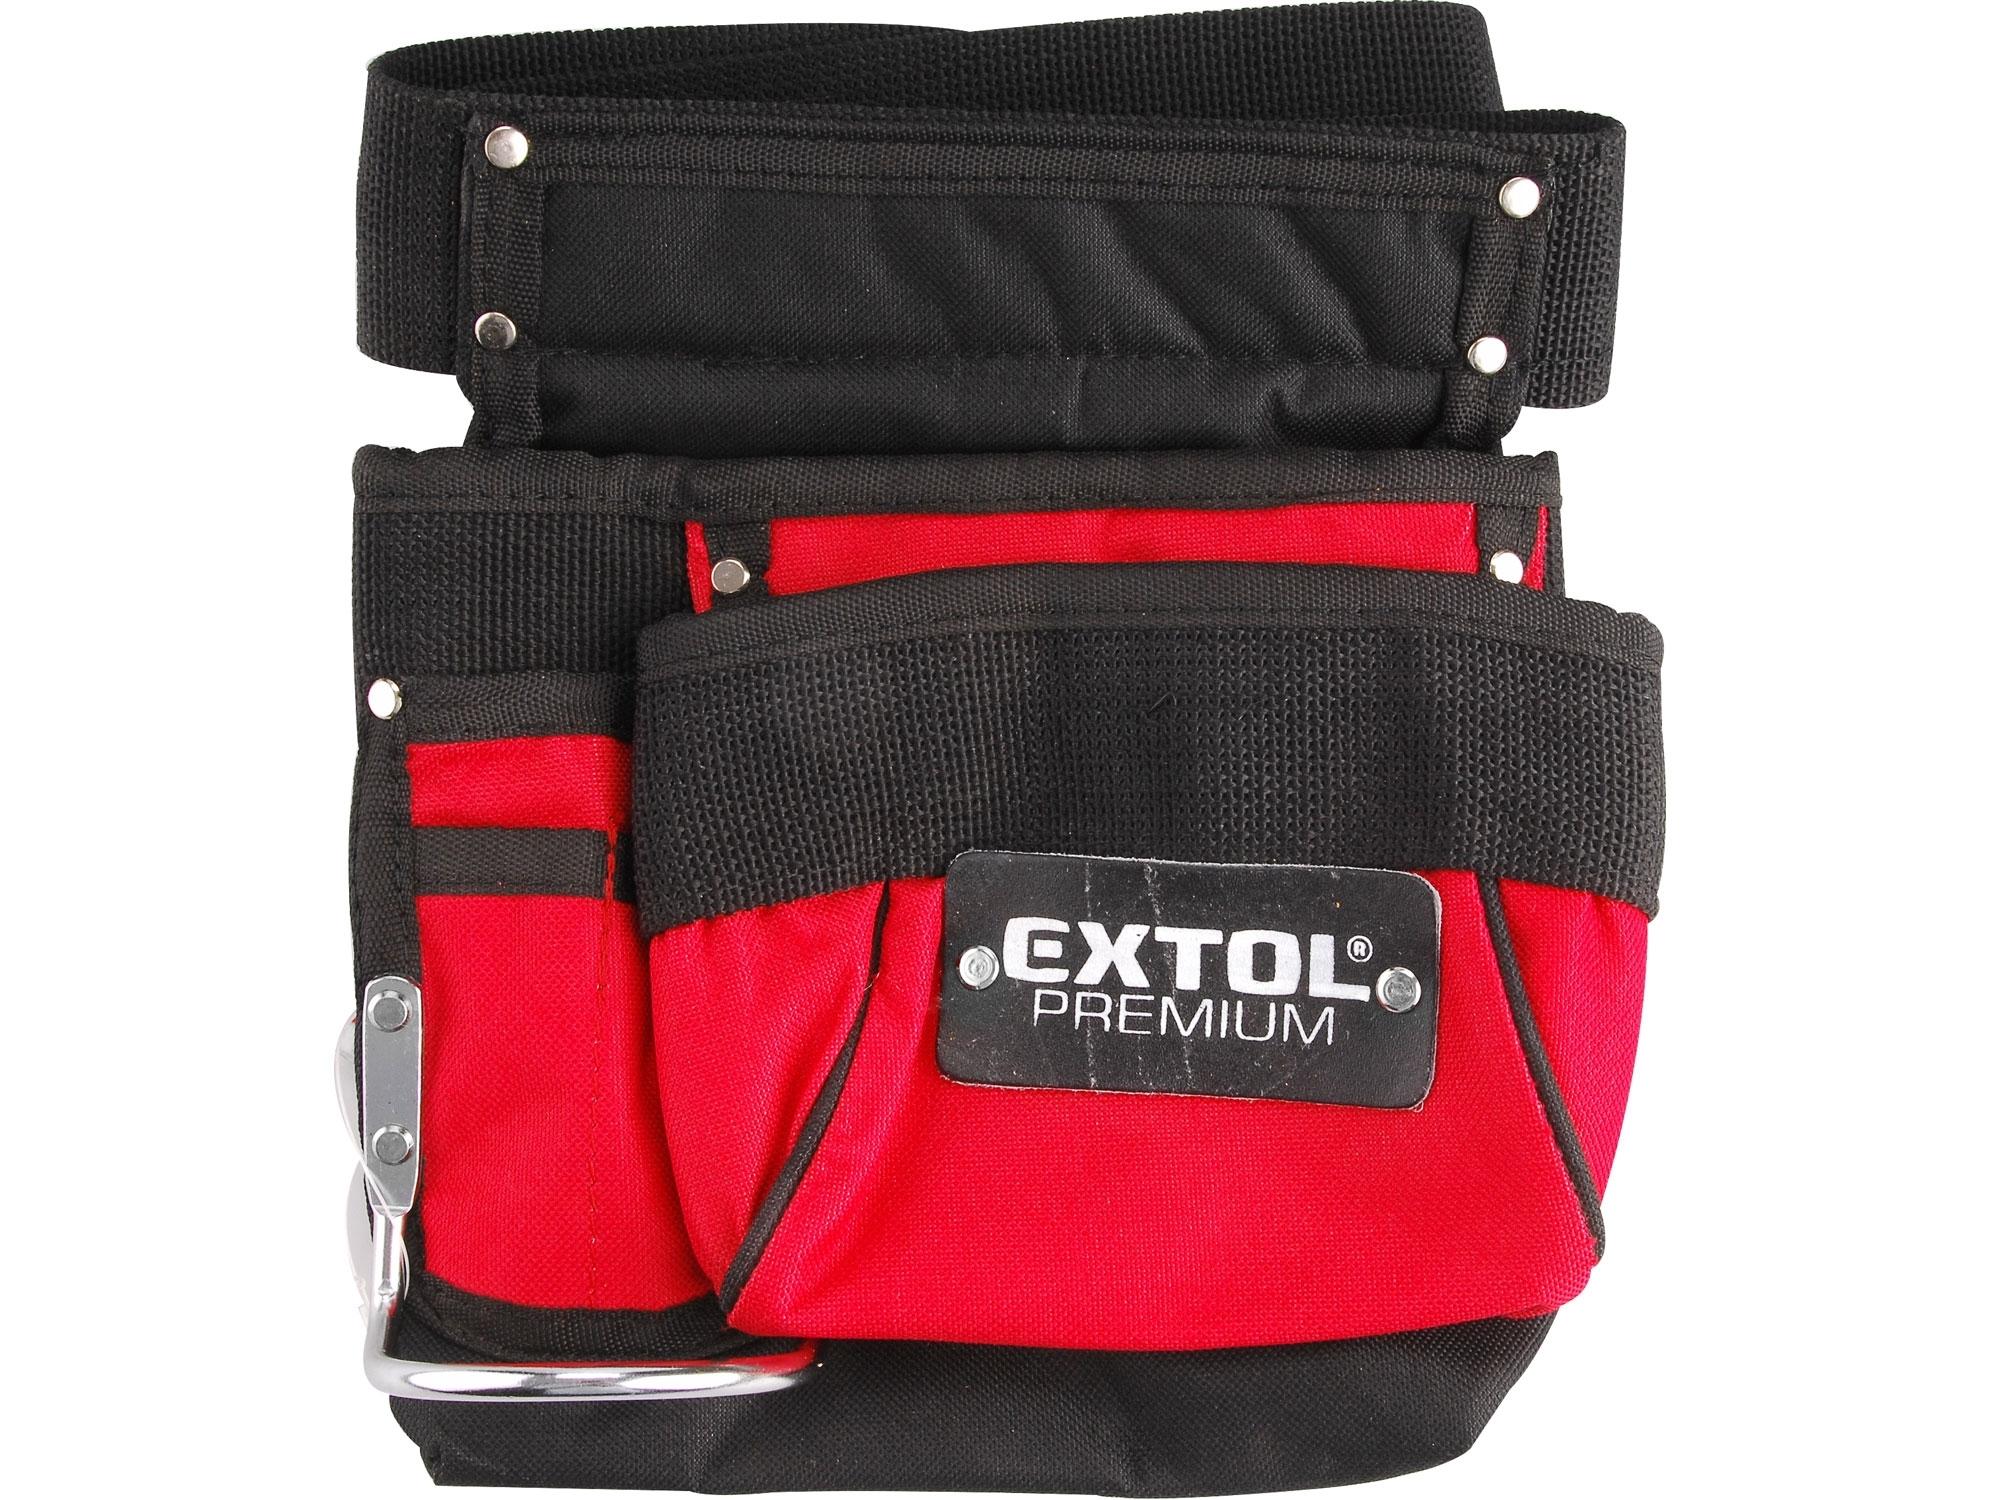 pás na nářadí, 3 kapsy, nylon, EXTOL PREMIUM 8858001